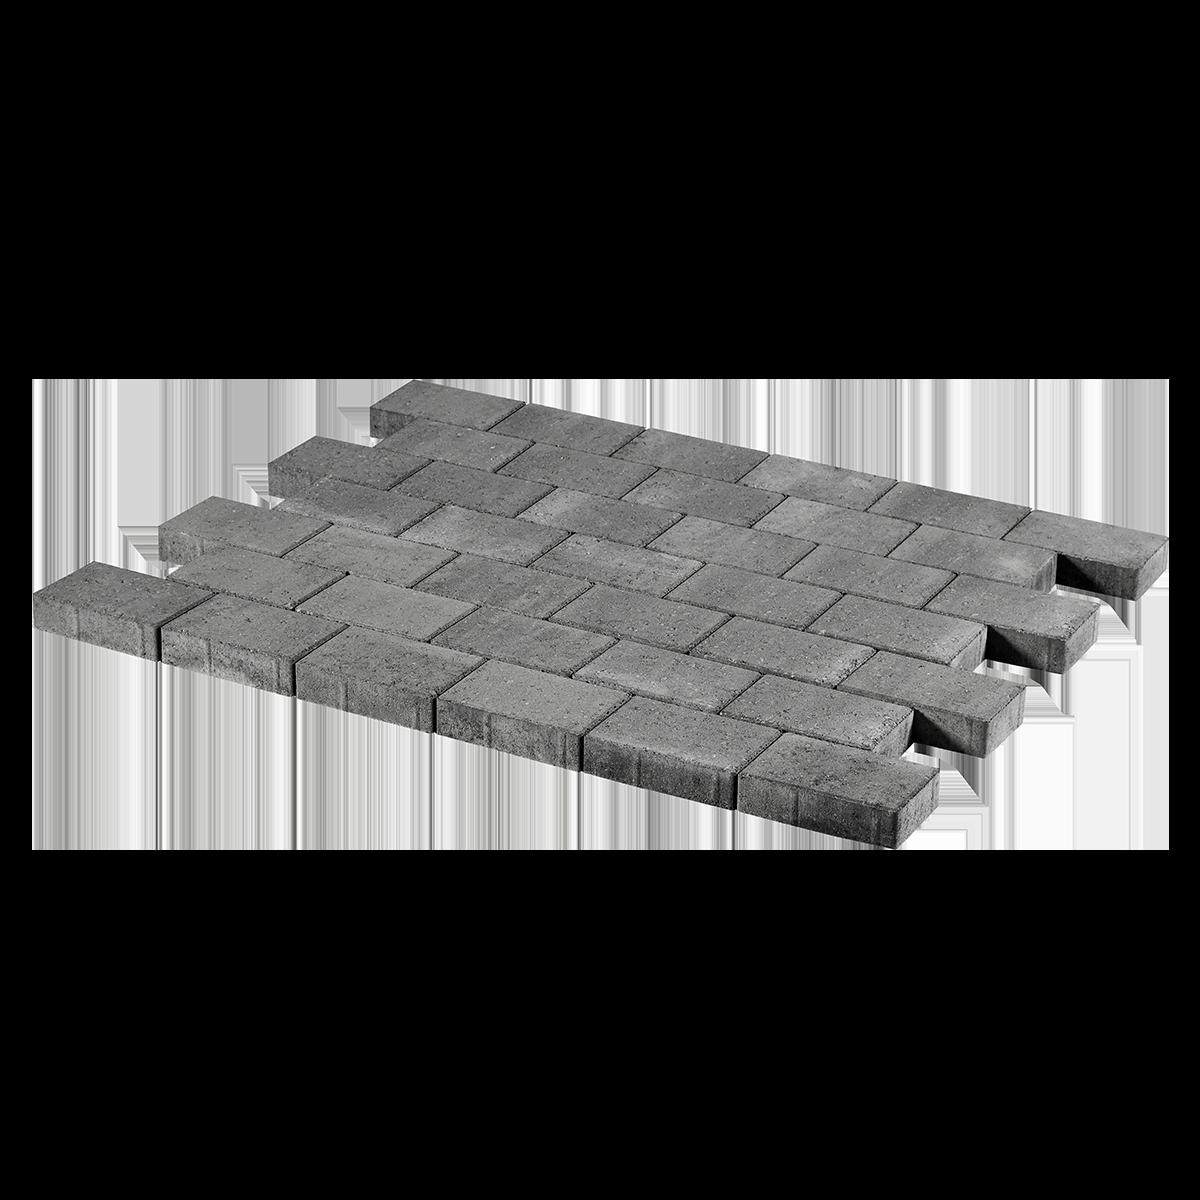 Bondesten 14x21x5 cm Gråmix Normalsten